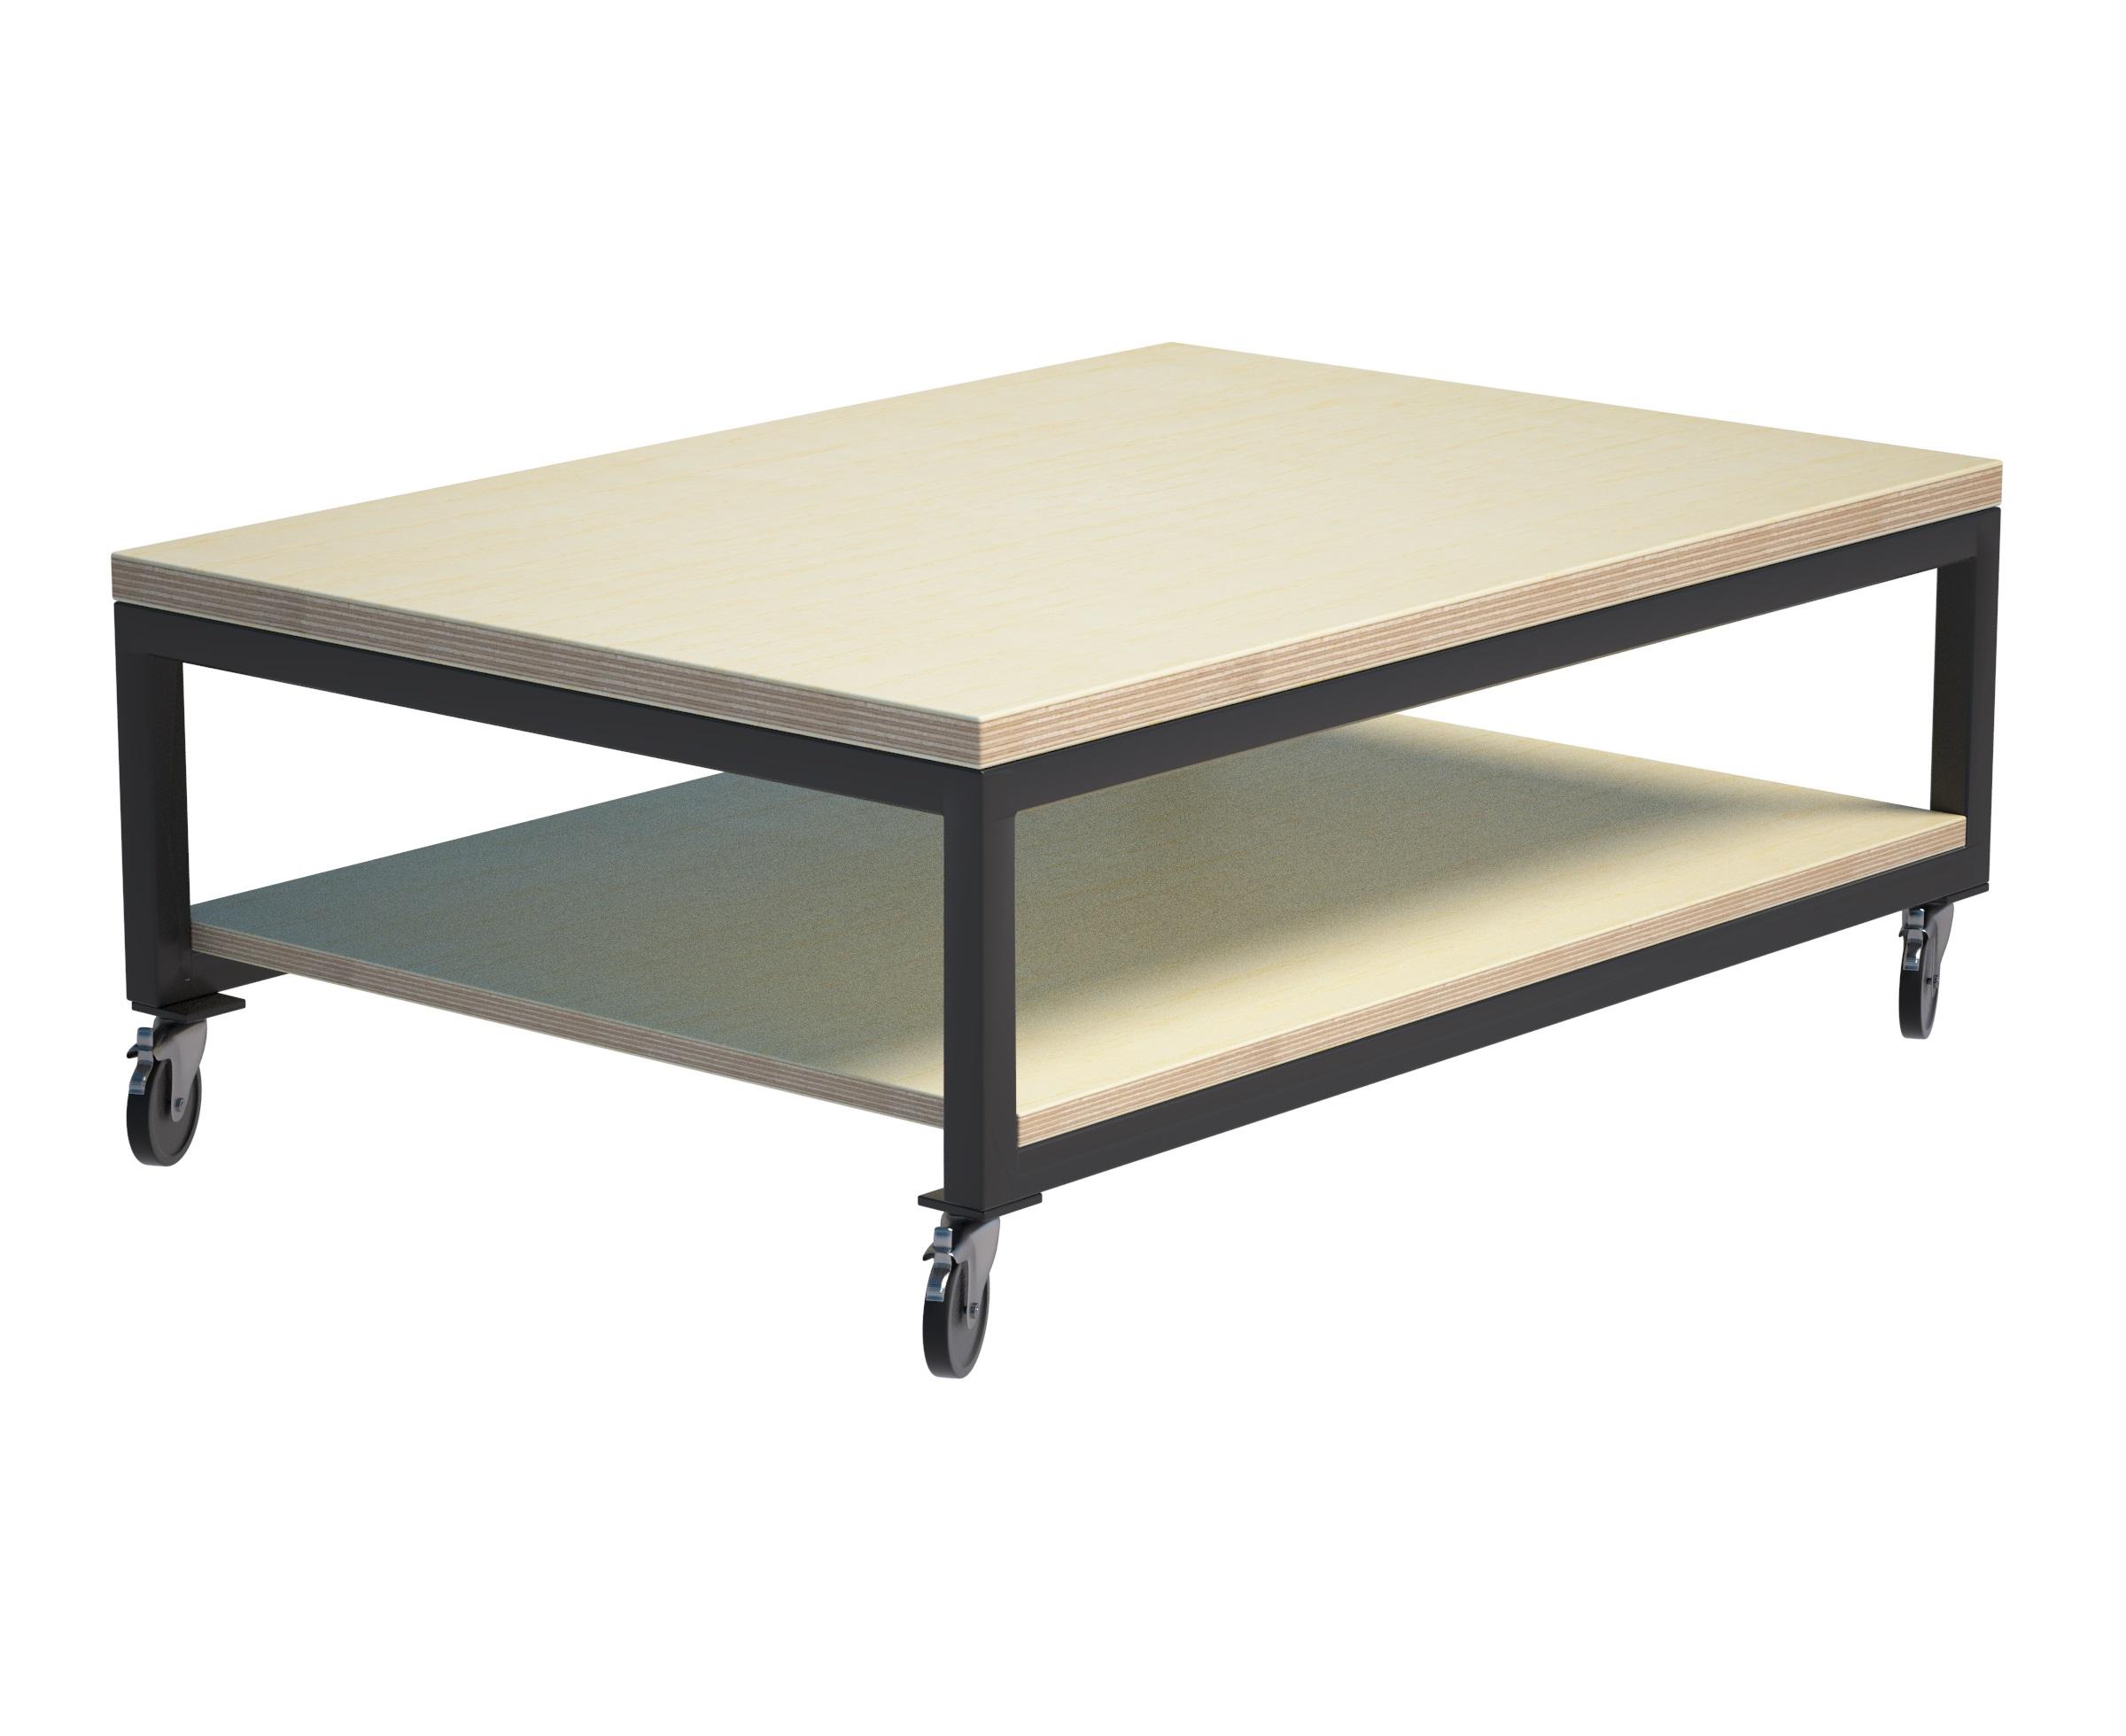 Журнальный стол 2FL MetaltubeЖурнальные столики<br>В дизайне &amp;quot;2FL Metaltube&amp;quot; все продумано до мелочей. Столешница напоминает выбеленную паркетную доску. Светлый верх играет на контрасте с темным низом. Нижнее основание представлено слитной конструкцией из металлических профилей, соединенных полкой.&amp;amp;nbsp;&amp;lt;div&amp;gt;&amp;lt;br&amp;gt;&amp;lt;/div&amp;gt;&amp;lt;div&amp;gt;Возможно изготовление в других размерах и цветах. Подробности уточняйте у менеджеров.&amp;lt;br&amp;gt;&amp;lt;/div&amp;gt;&amp;lt;div&amp;gt;&amp;lt;span style=&amp;quot;font-size: 14px;&amp;quot;&amp;gt;Материал: березовая фанера, сталь, колеса.&amp;lt;/span&amp;gt;&amp;lt;br&amp;gt;&amp;lt;/div&amp;gt;<br><br>Material: Фанера<br>Ширина см: 80<br>Высота см: 35<br>Глубина см: 40